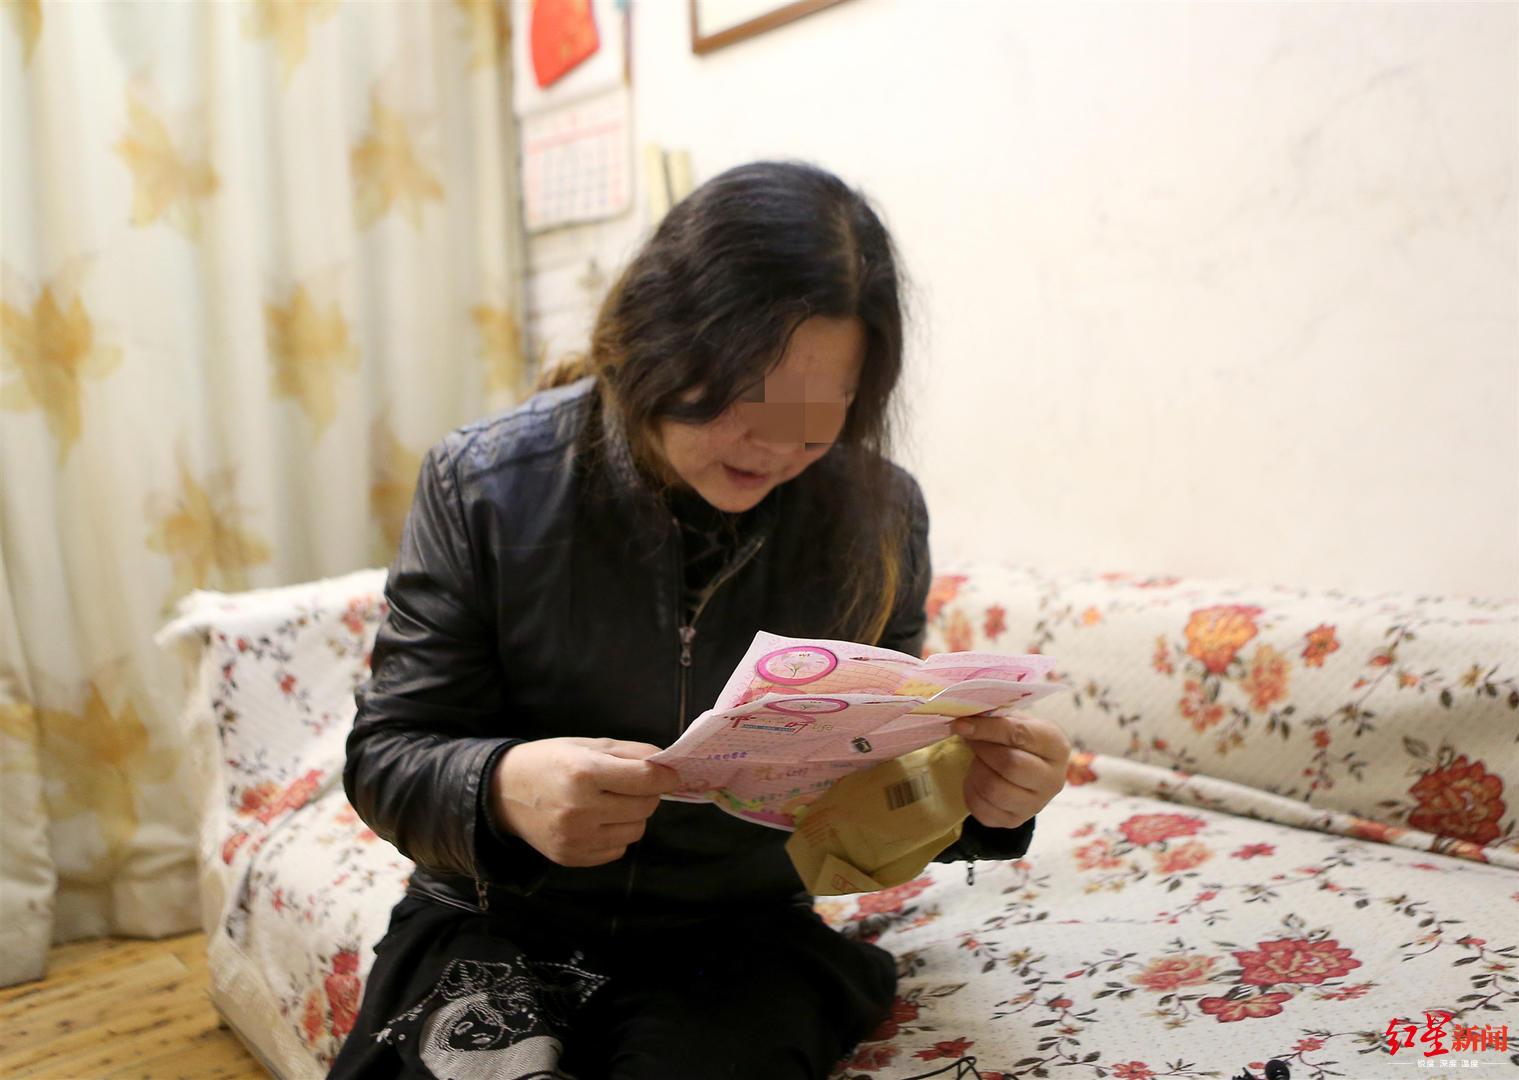 3559 - 李春江谈法里德:他正往好的方向发展,希望他尽快适应